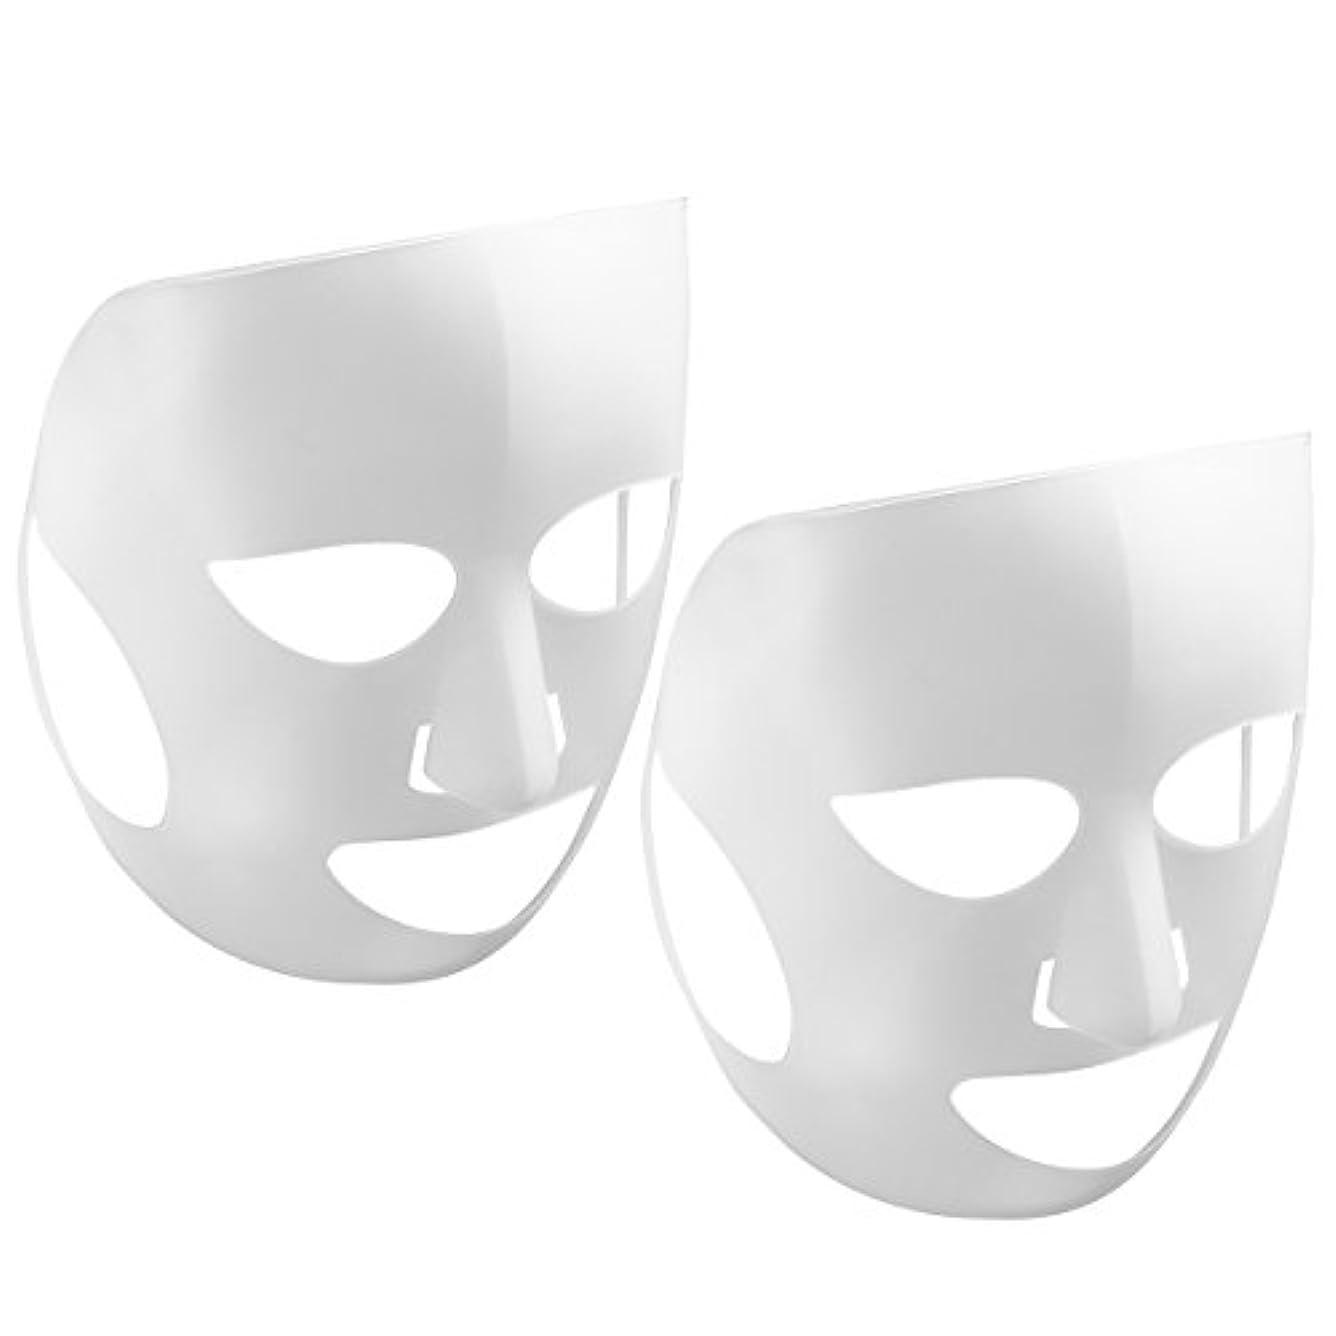 蒸発防止保湿マスクLurrose 5PCS再利用可能シリコンマスクカバー(ホワイト)